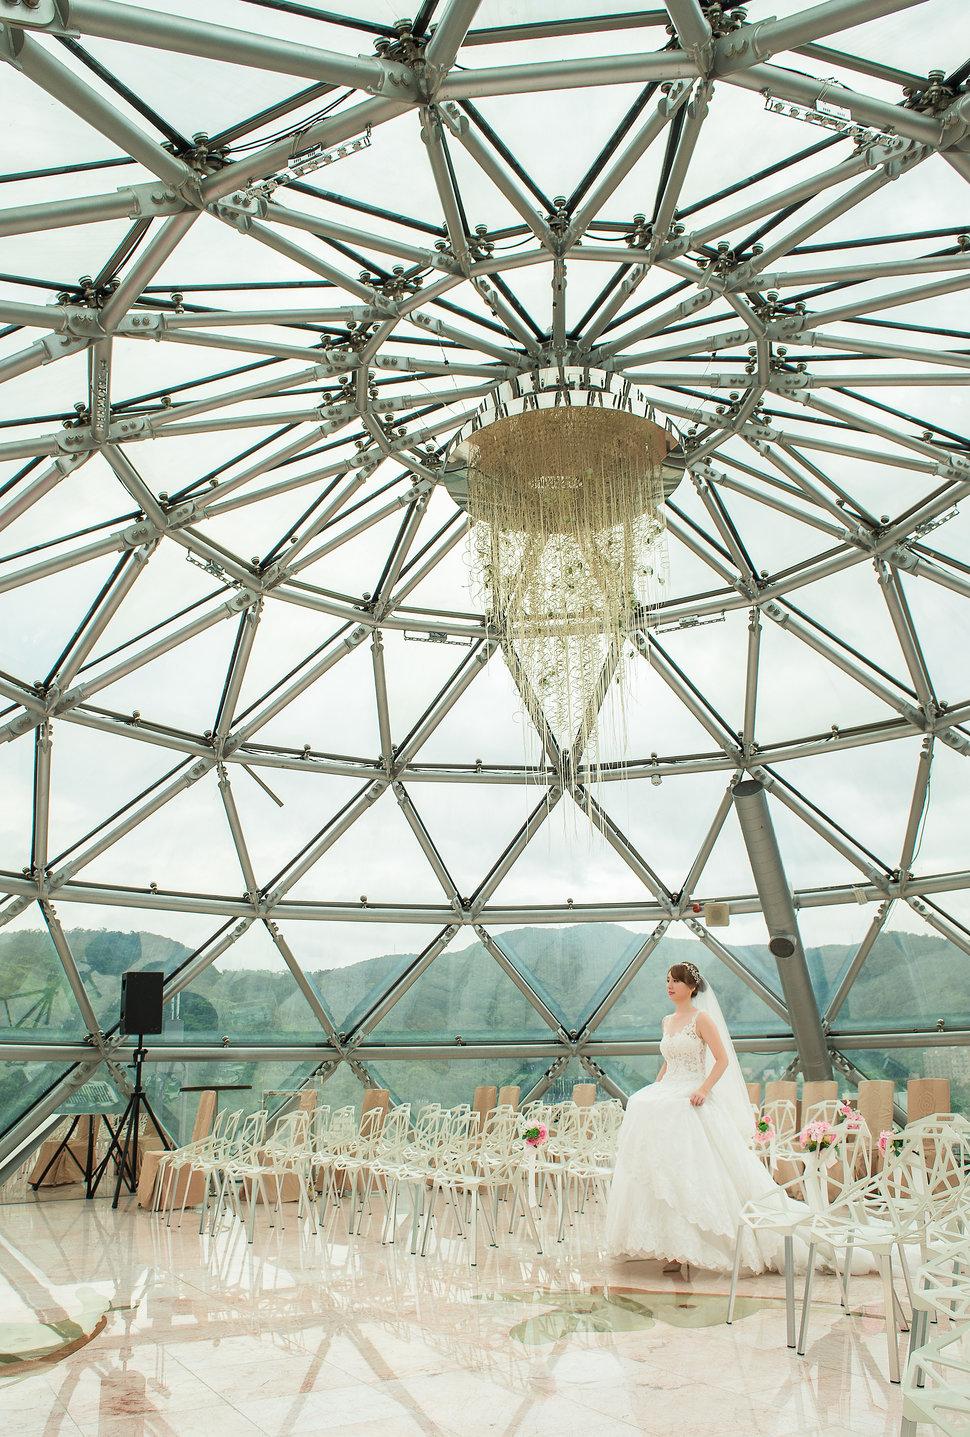 [台北婚攝] 內湖大直典華晚宴(編號:431940) - Allen影像團隊 Love Story - 結婚吧